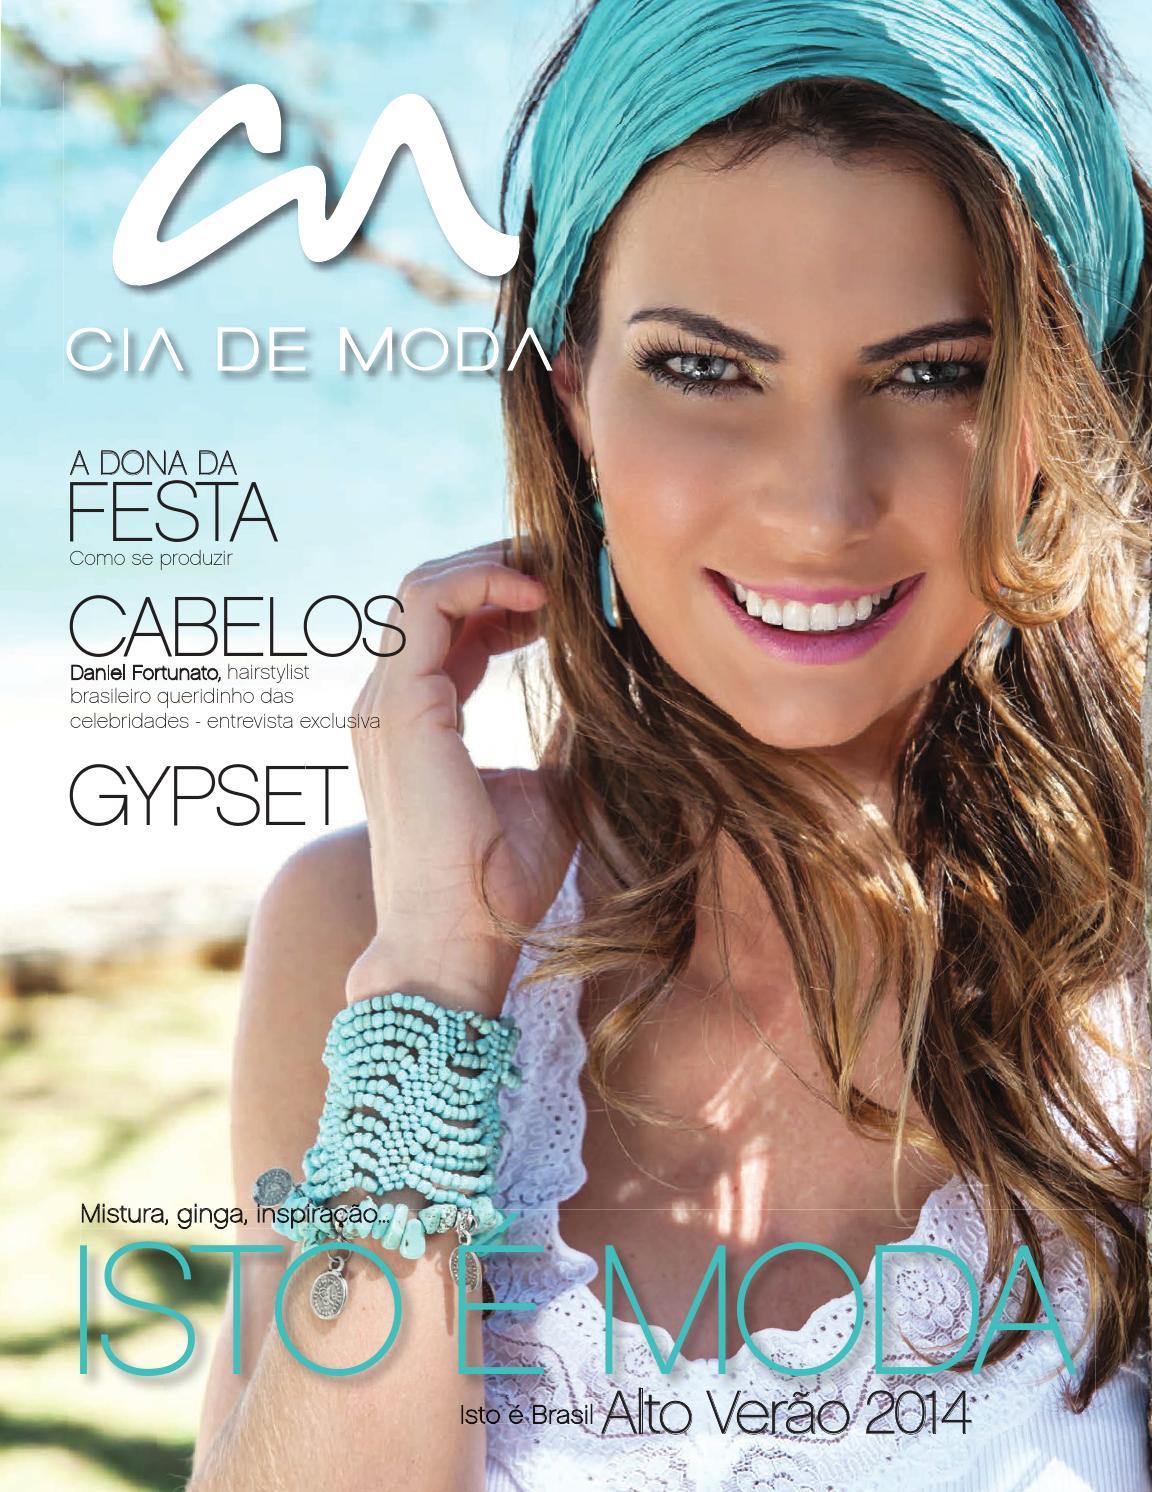 c41f69ac9 Revista Verão 2013/14 by Cia de Moda - issuu